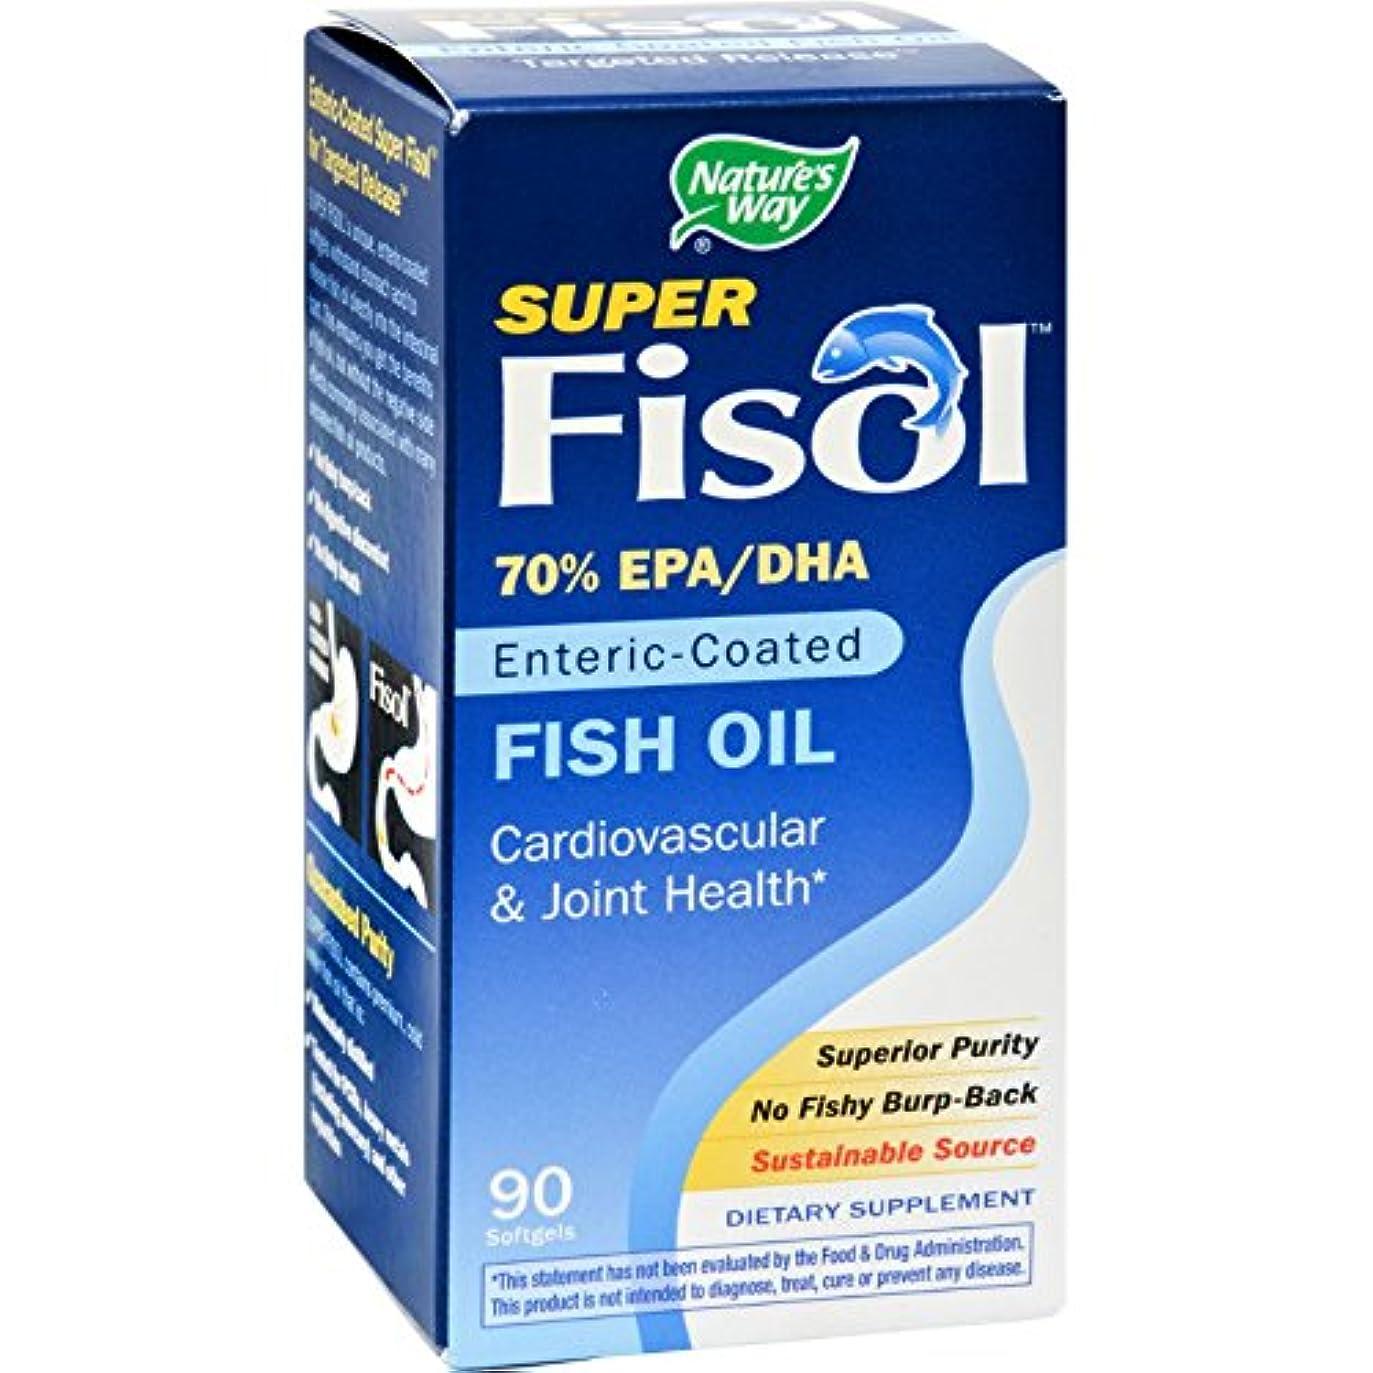 スーパーフィソール(高含有EPA?DHA) 90粒[海外直送品]